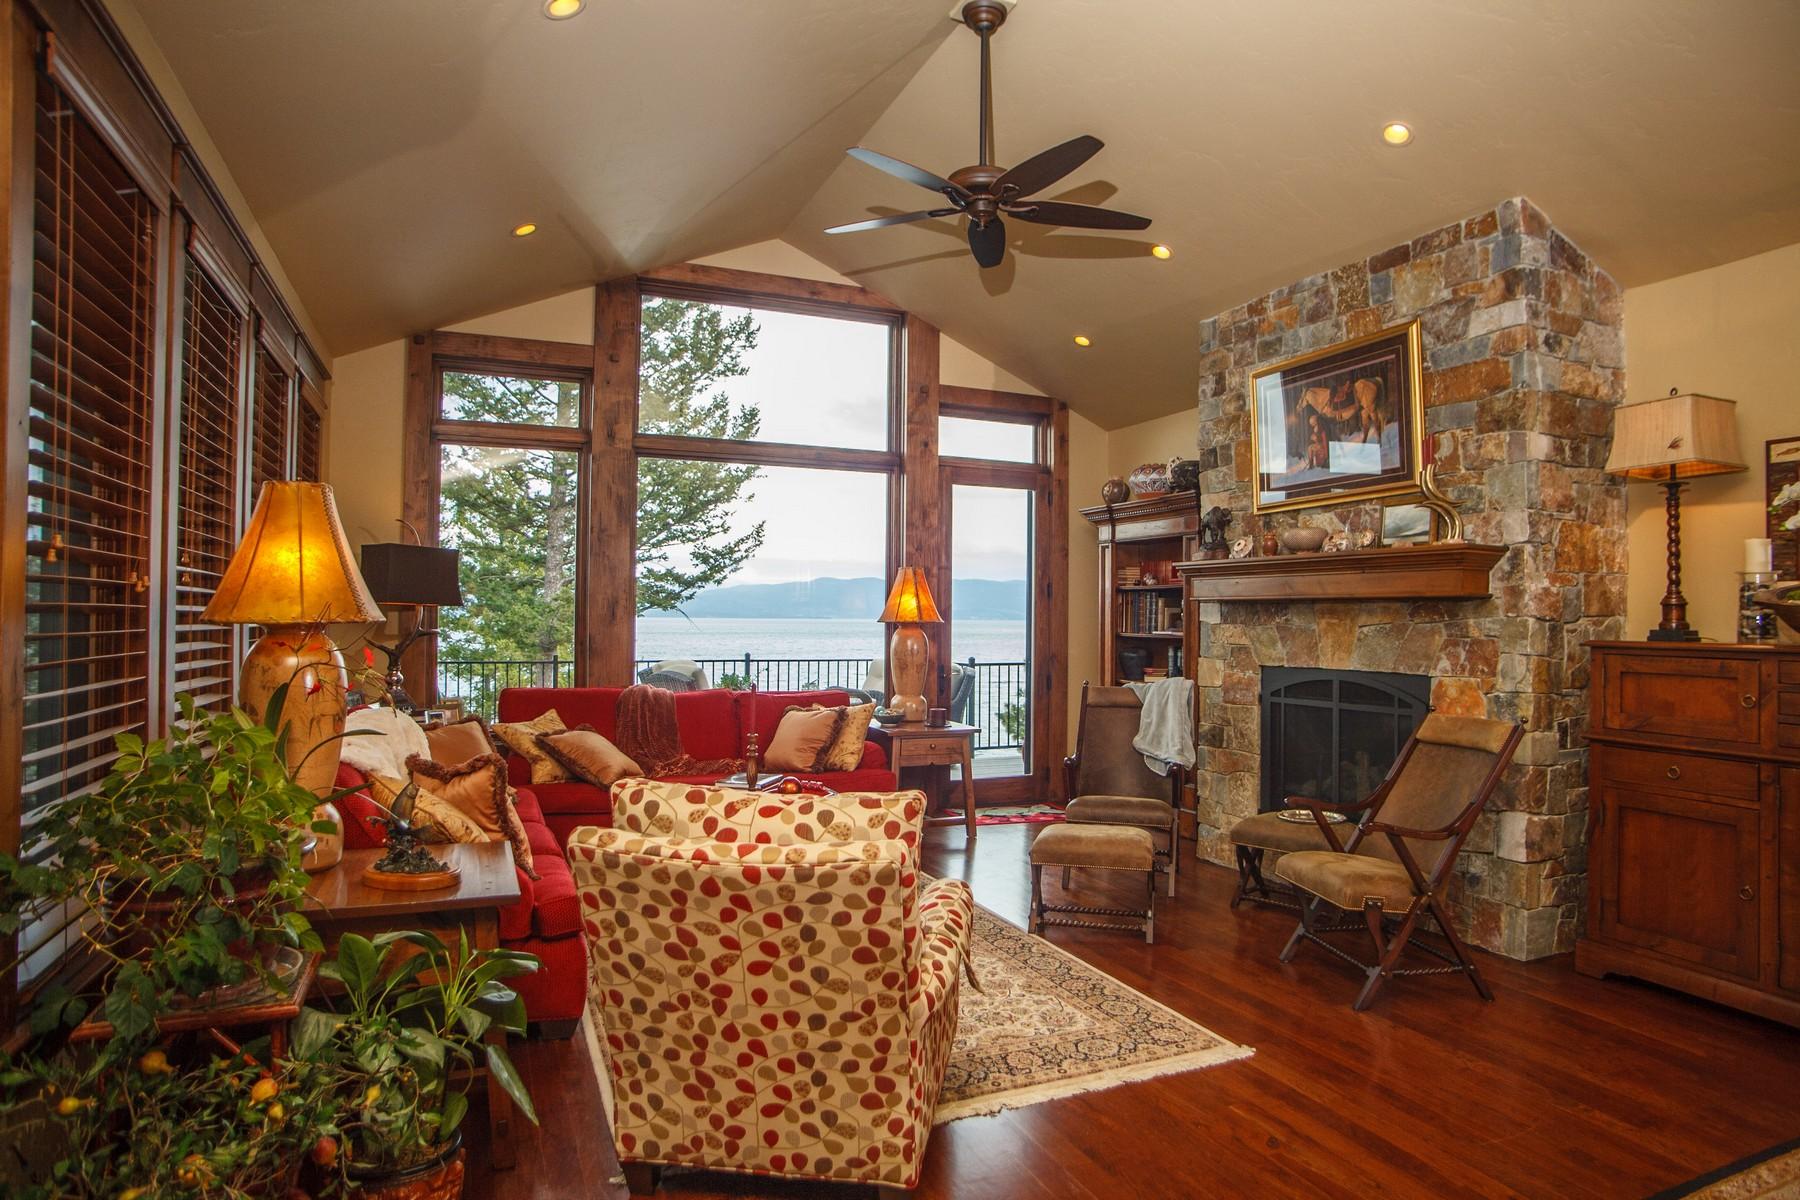 townhouses для того Продажа на Lakeside, Монтана 59922 Соединенные Штаты